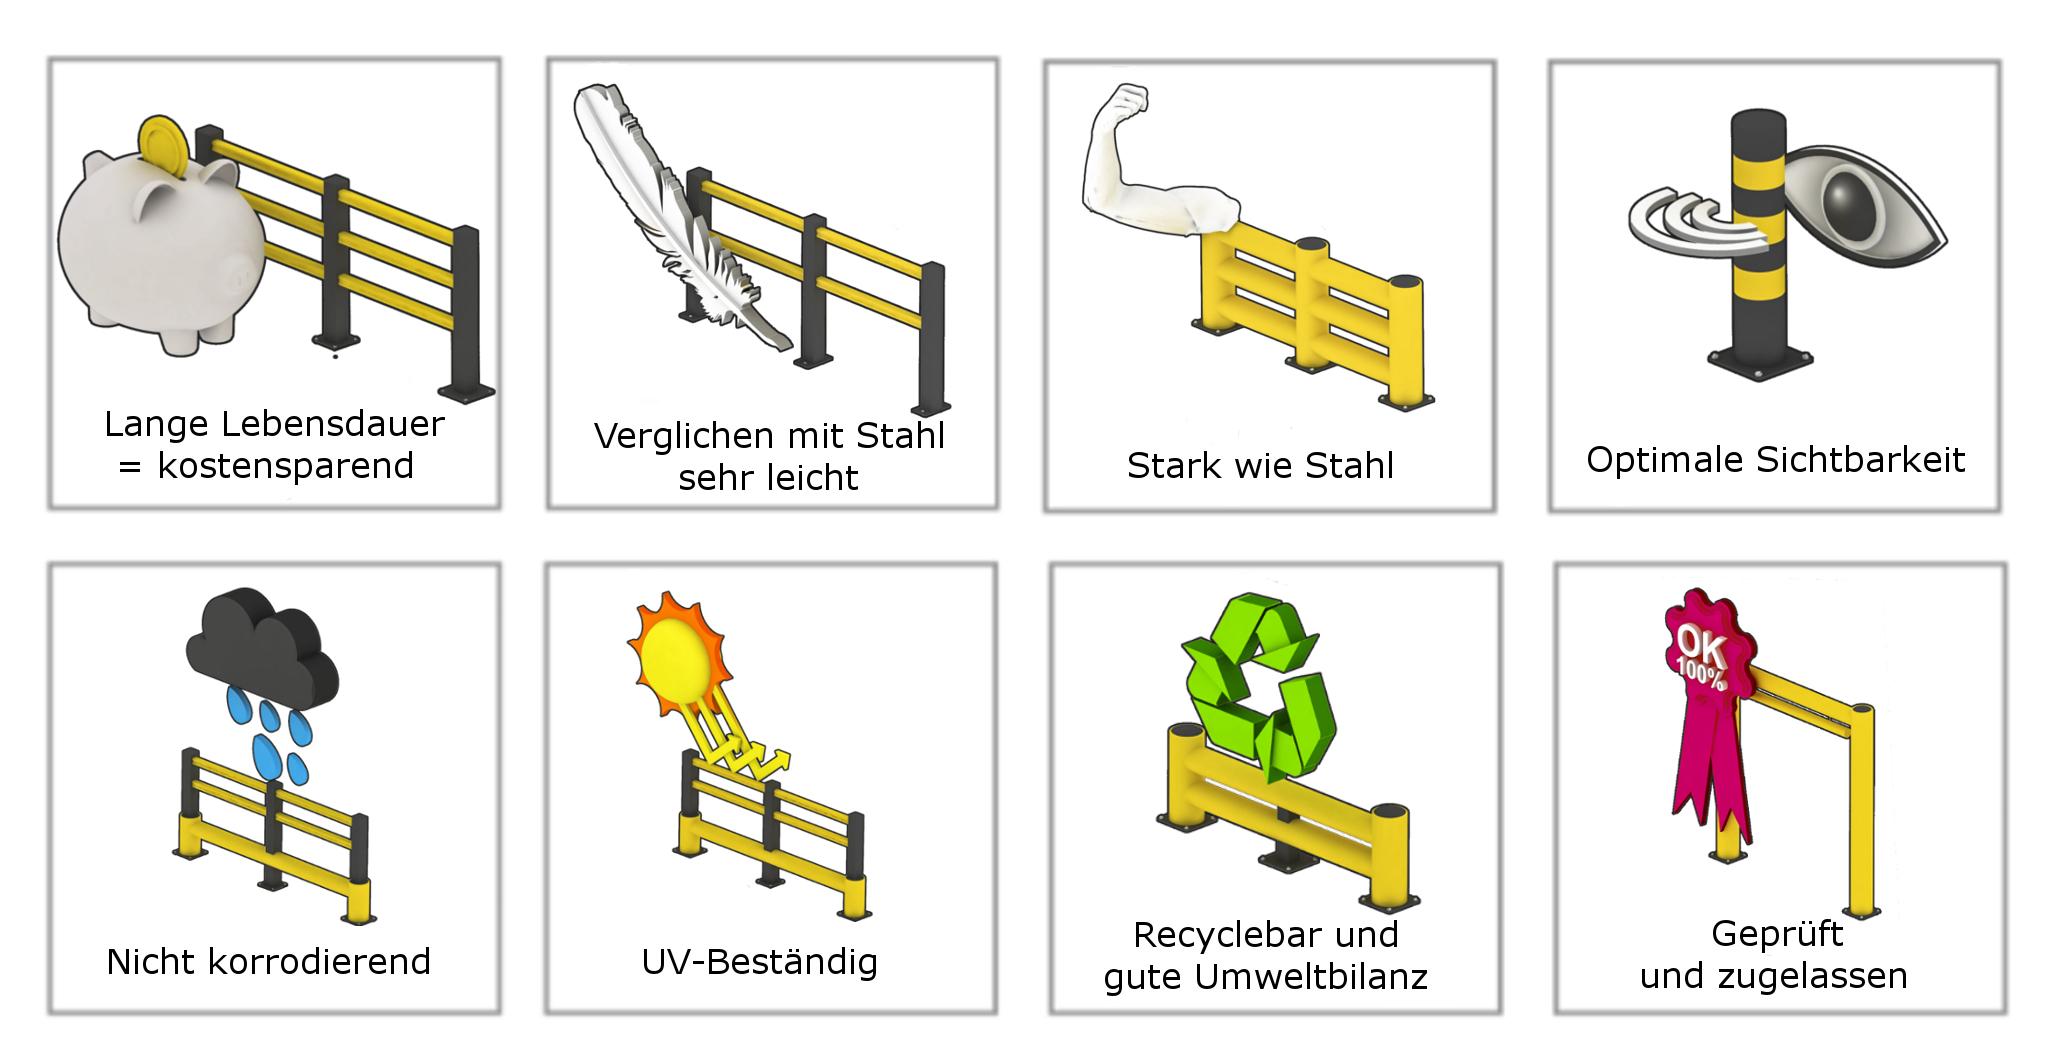 RackbullPiktogramm-Regalschutz-Anfahrschutz-Rammschutz-Palettenregal58d4fbd268ba6